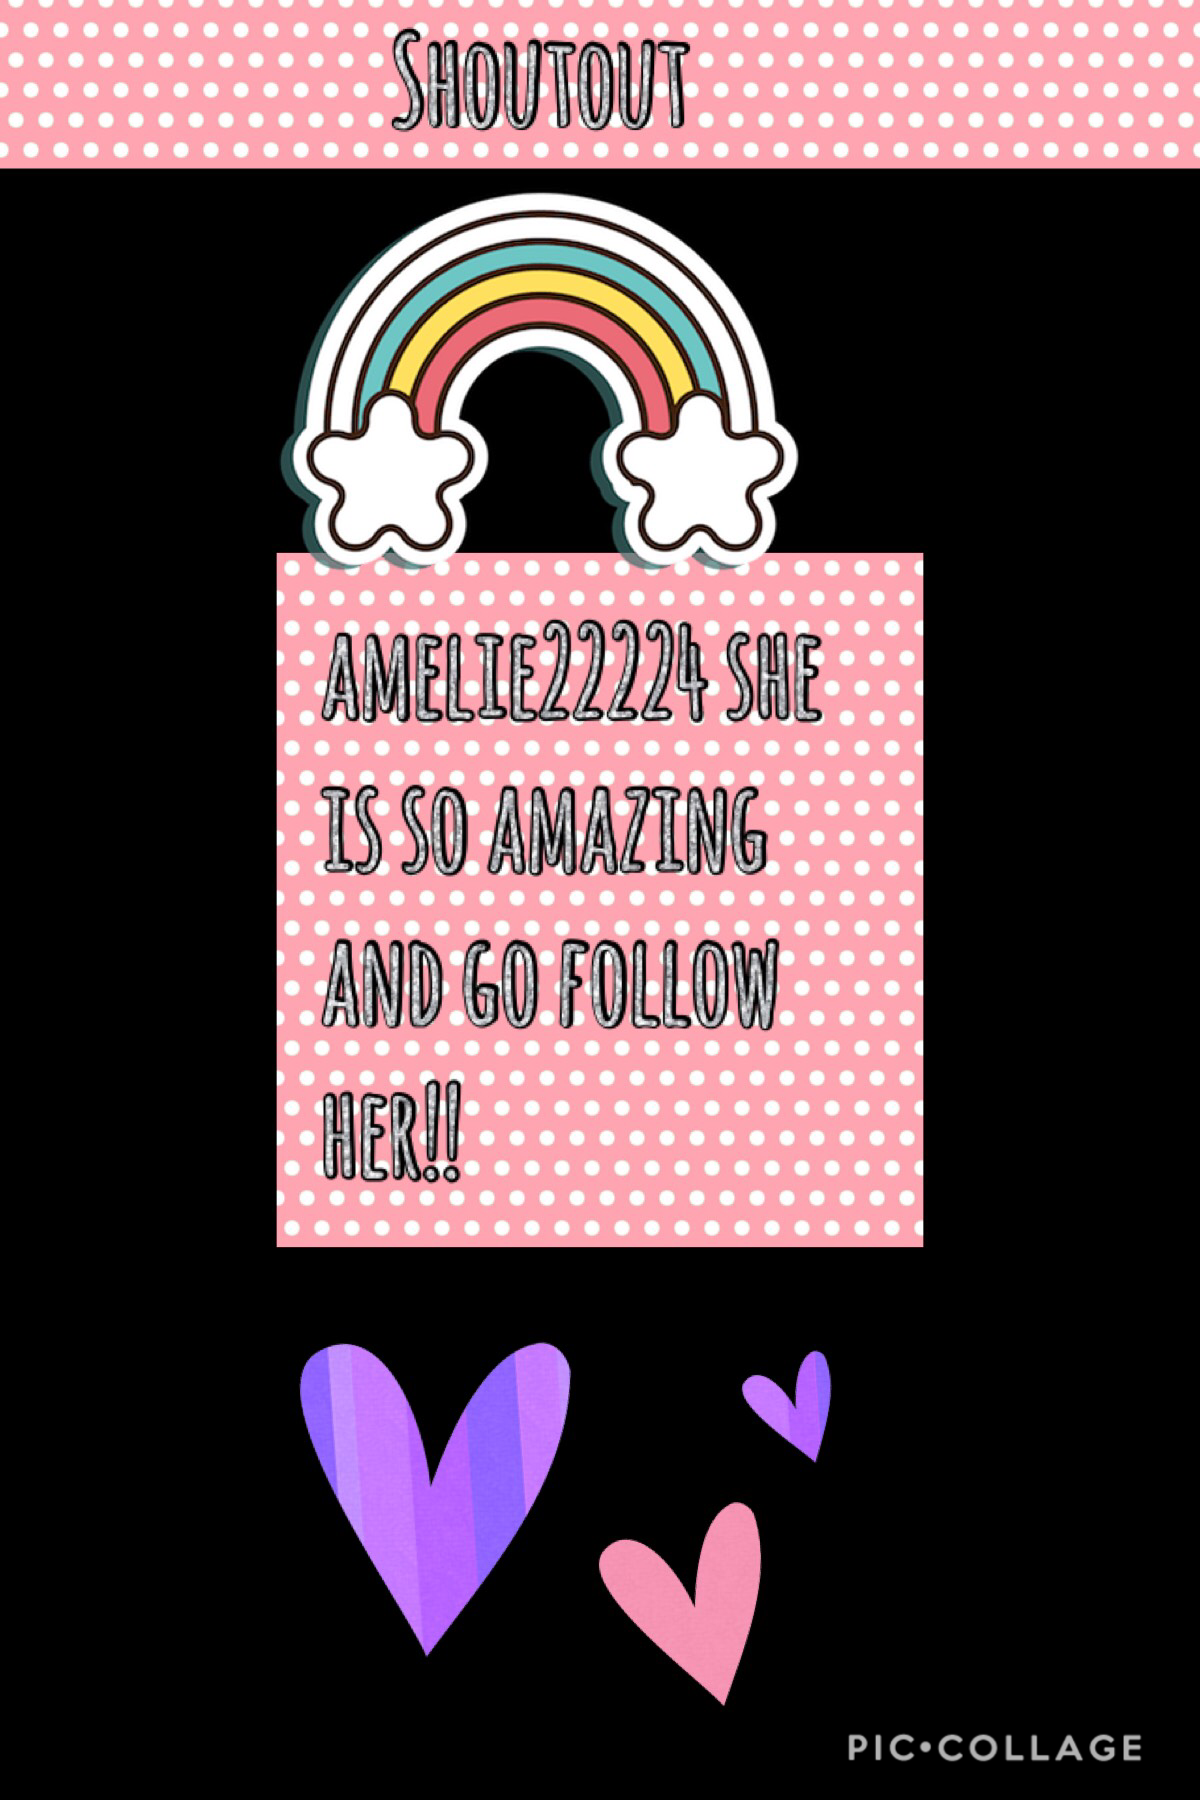 Go follow amelie22224